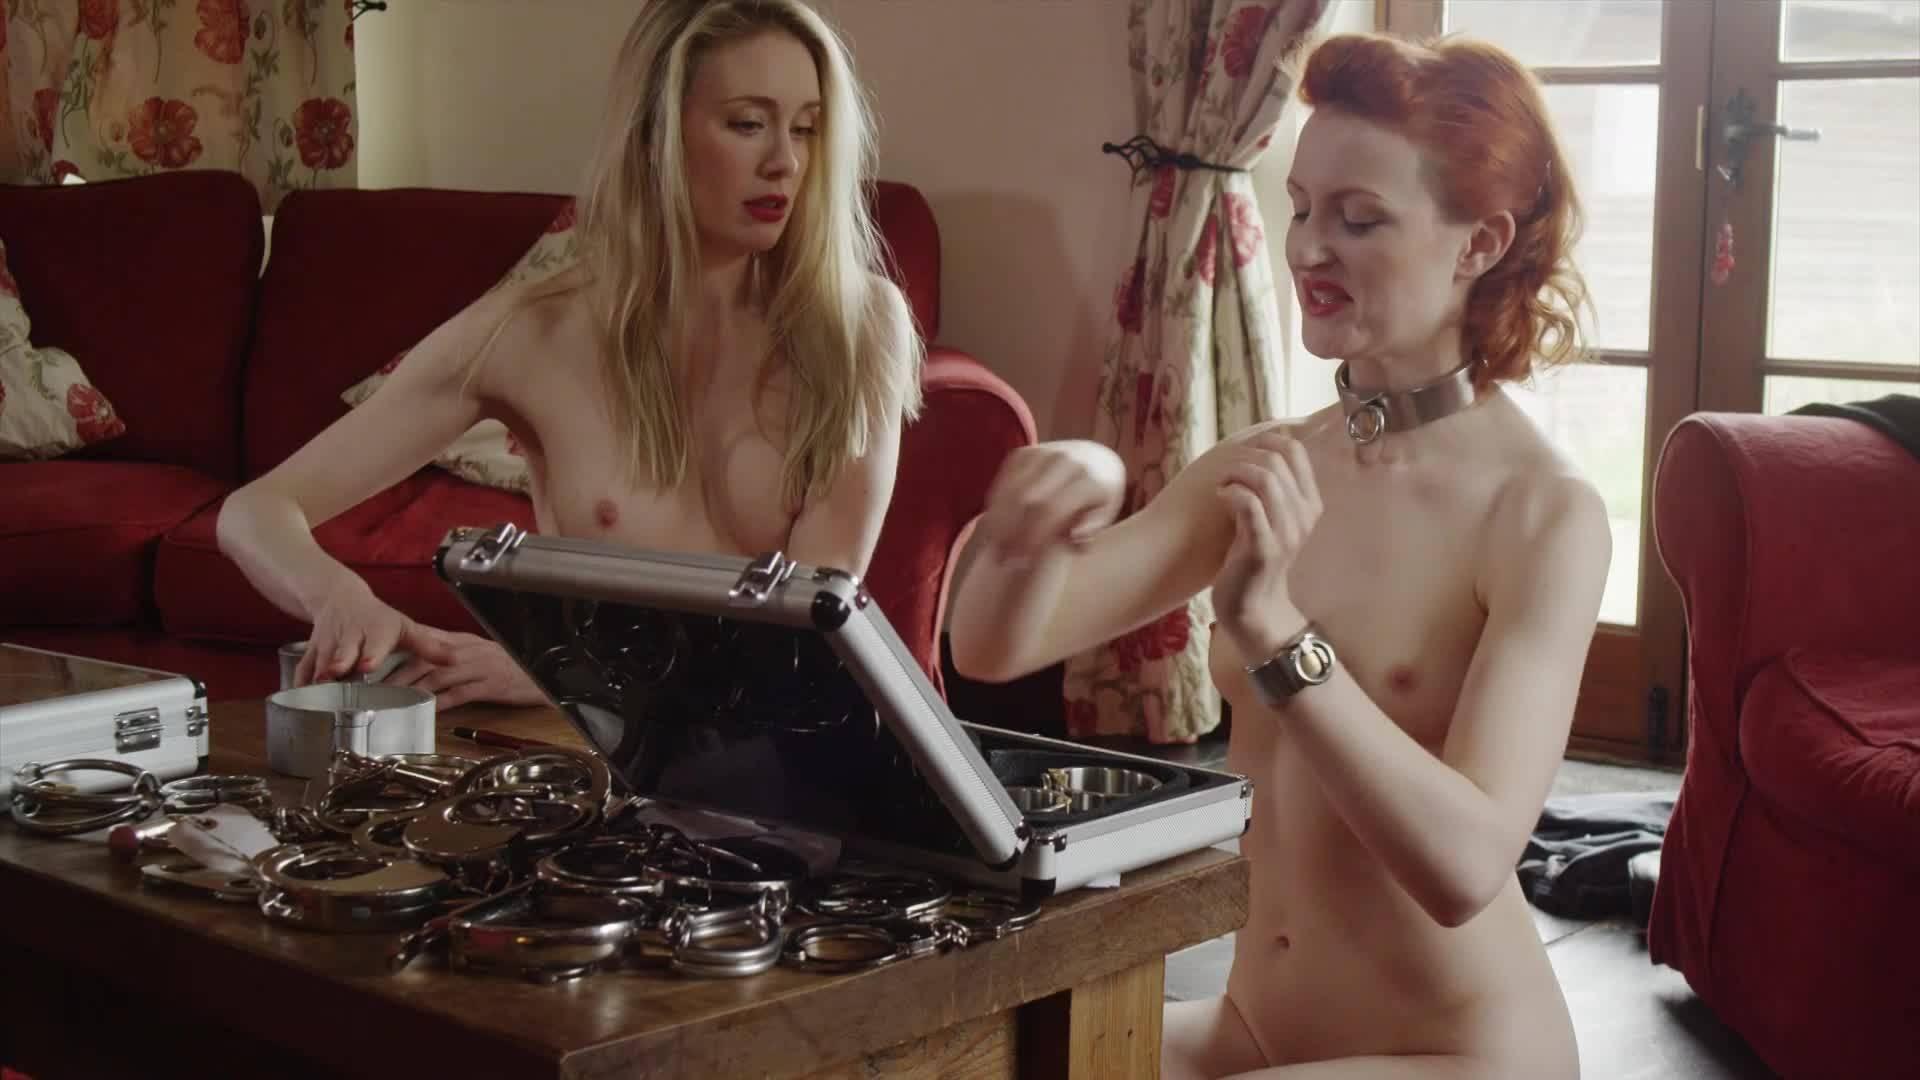 Две голые подружки лесбиянки играют дома наедине